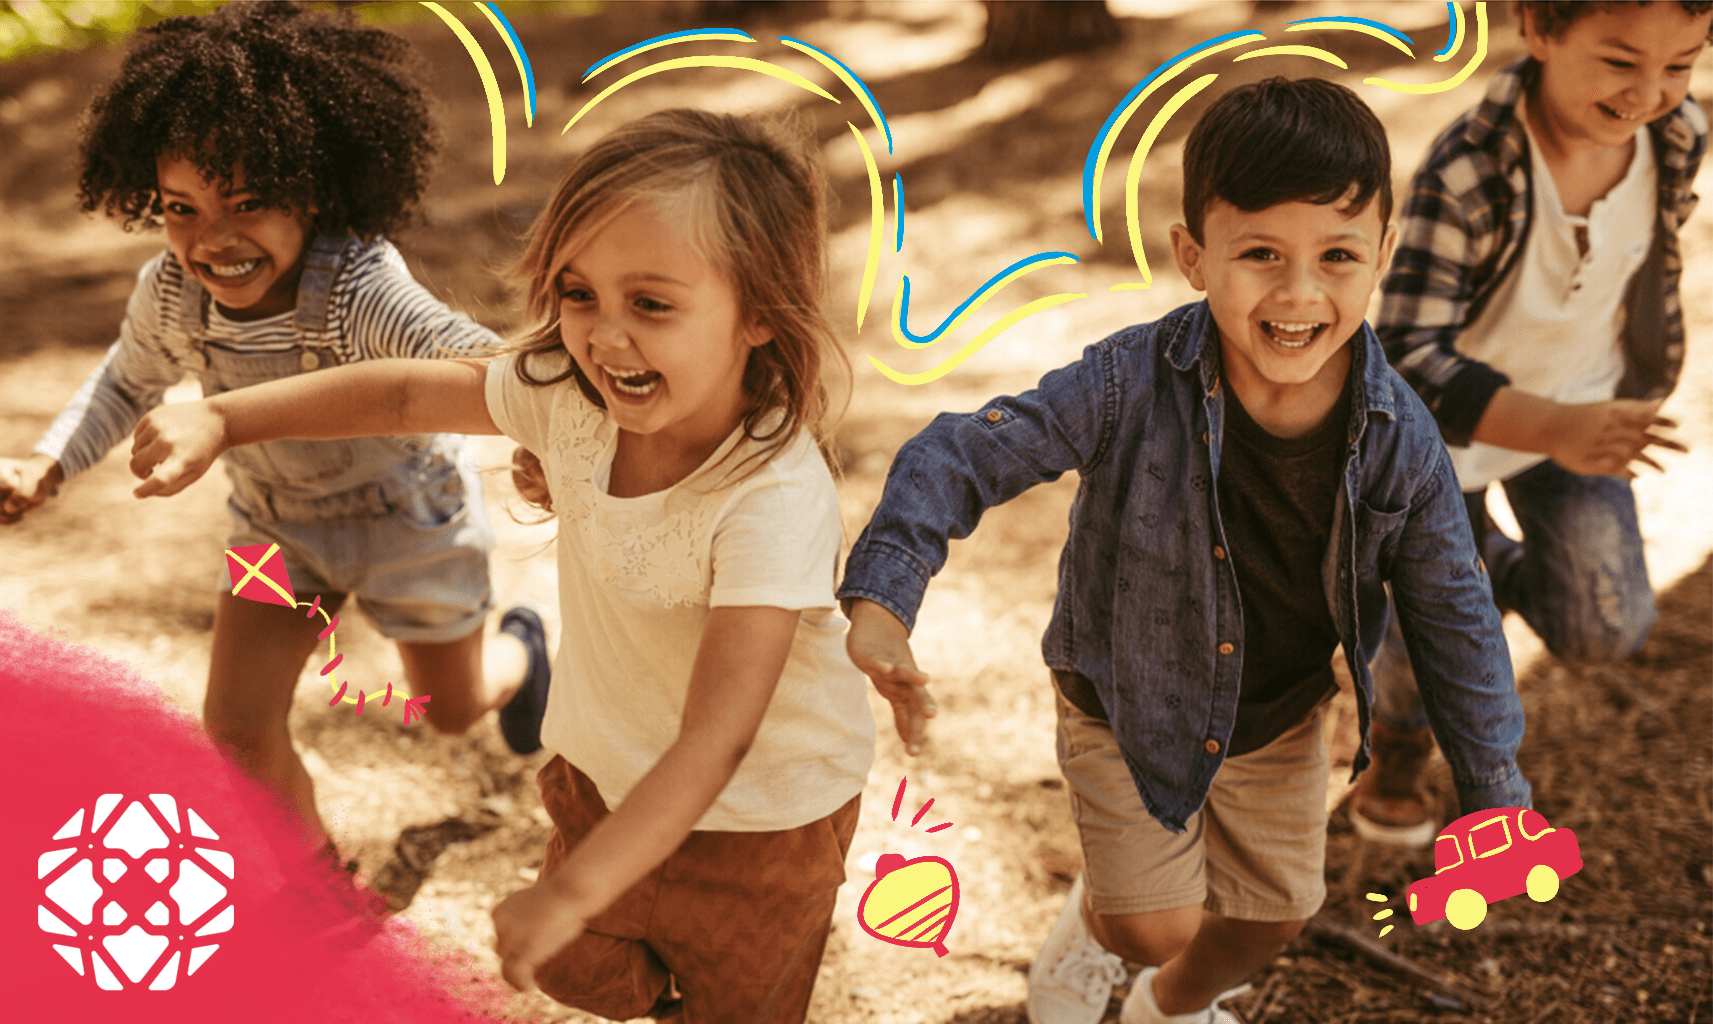 Os benefícios do brincar no aprendizado das crianças